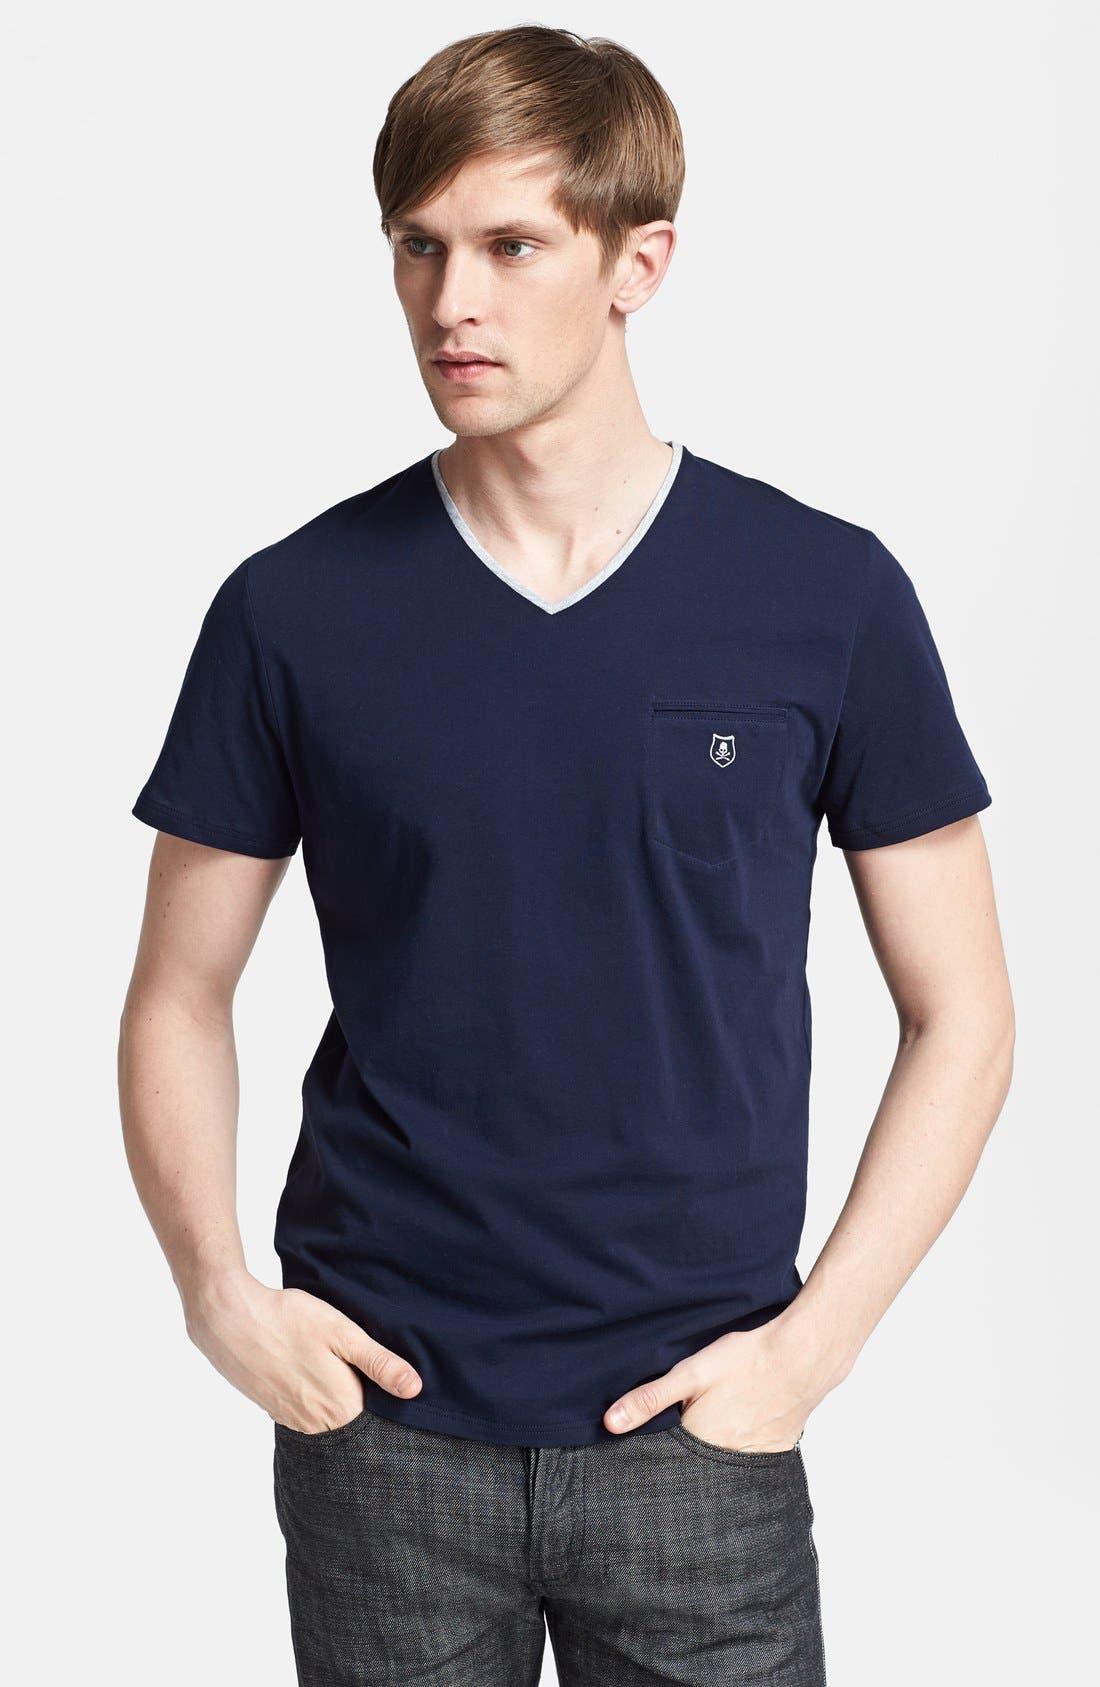 Alternate Image 1 Selected - The Kooples Logo Embroidered Pocket V-Neck T-Shirt